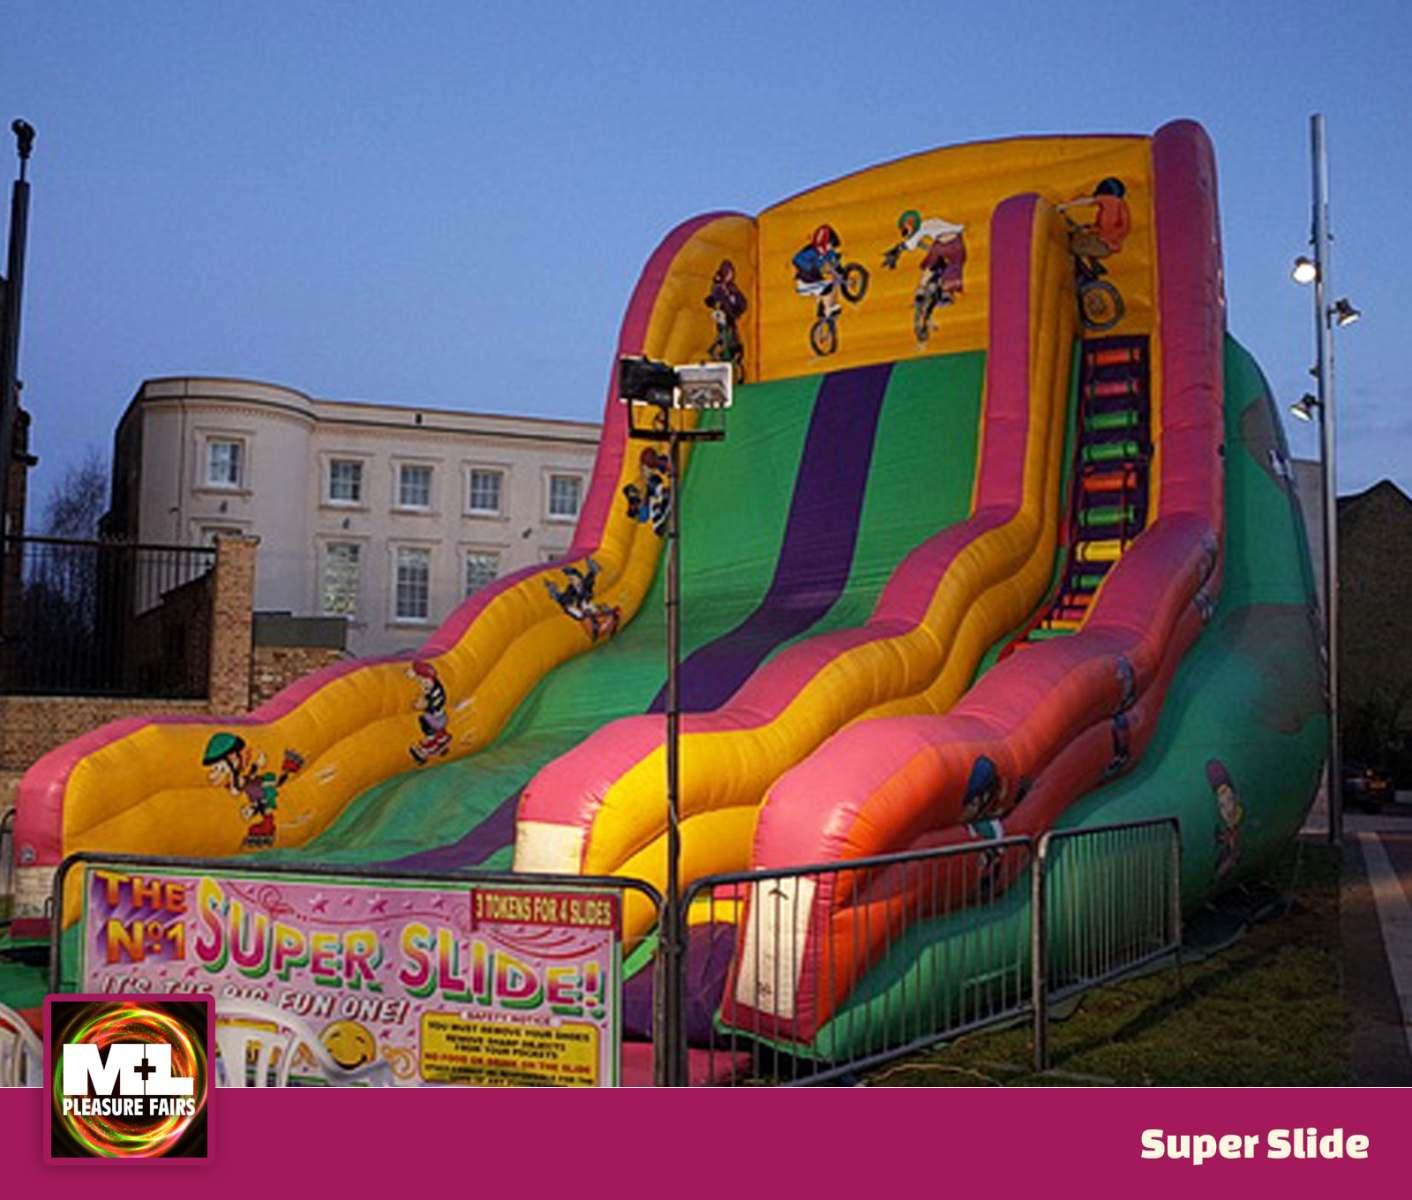 Super Slide Ride Image